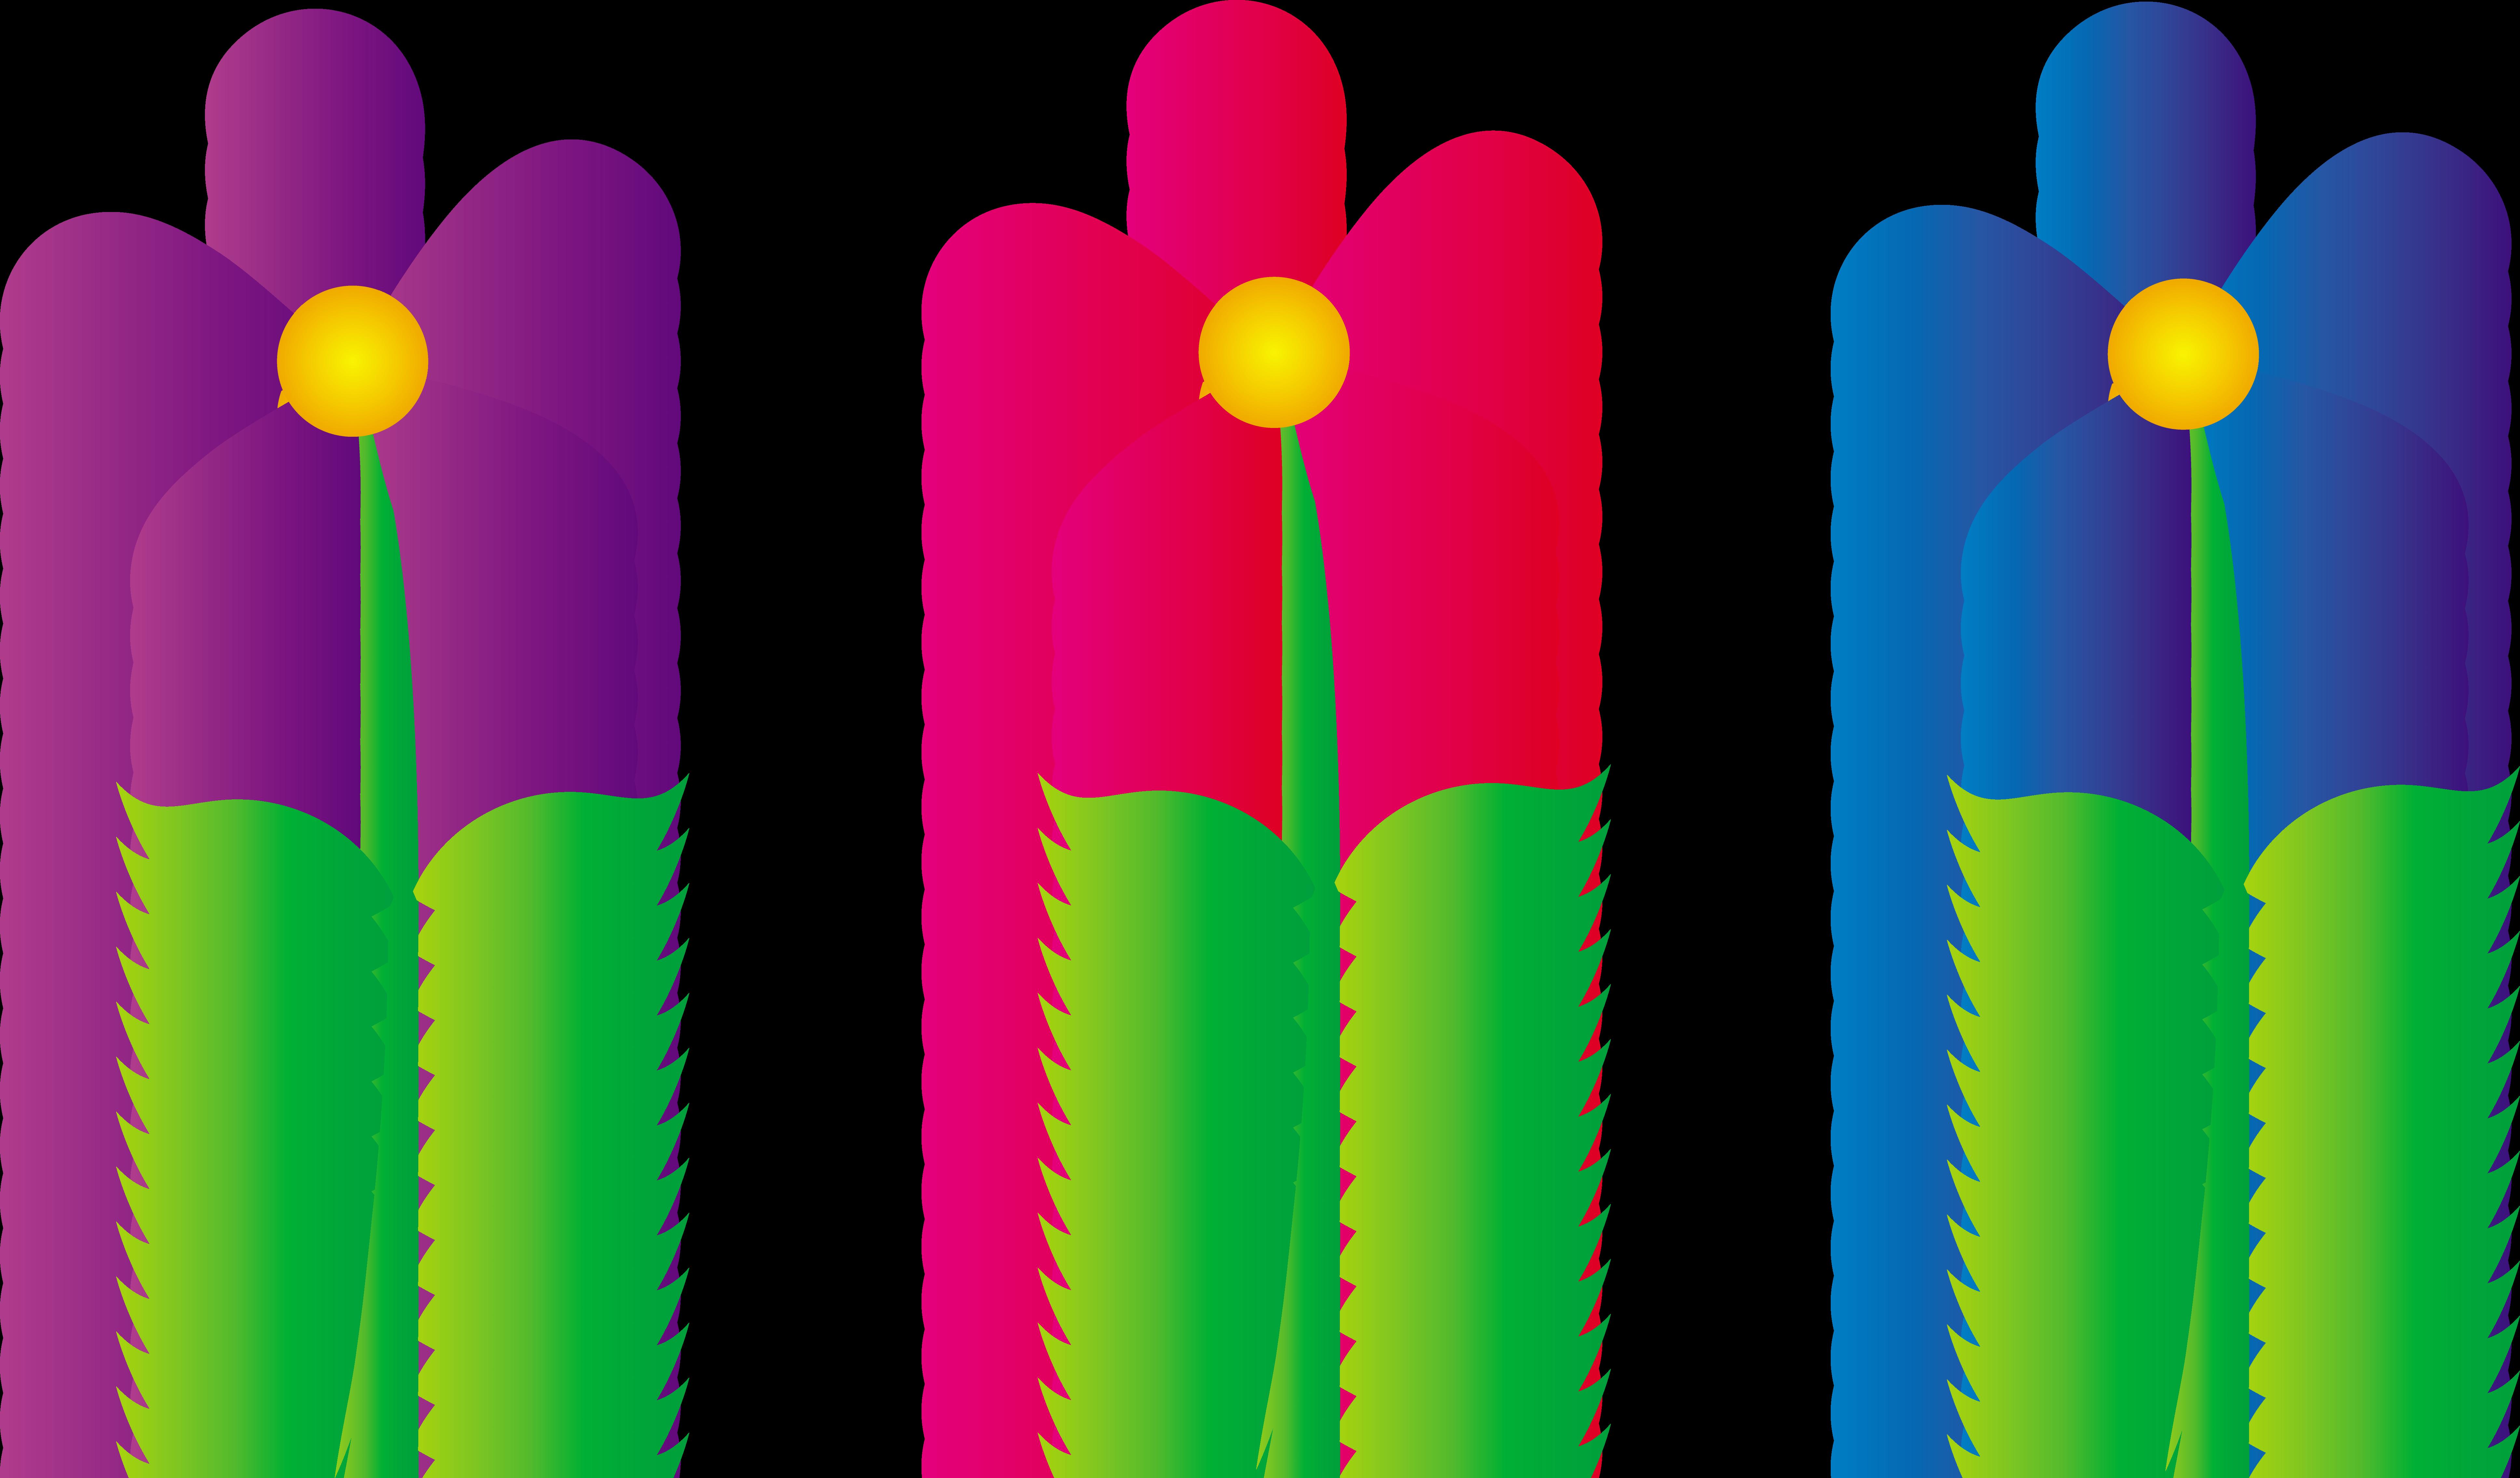 Flower Border Clipart-flower border clipart-6